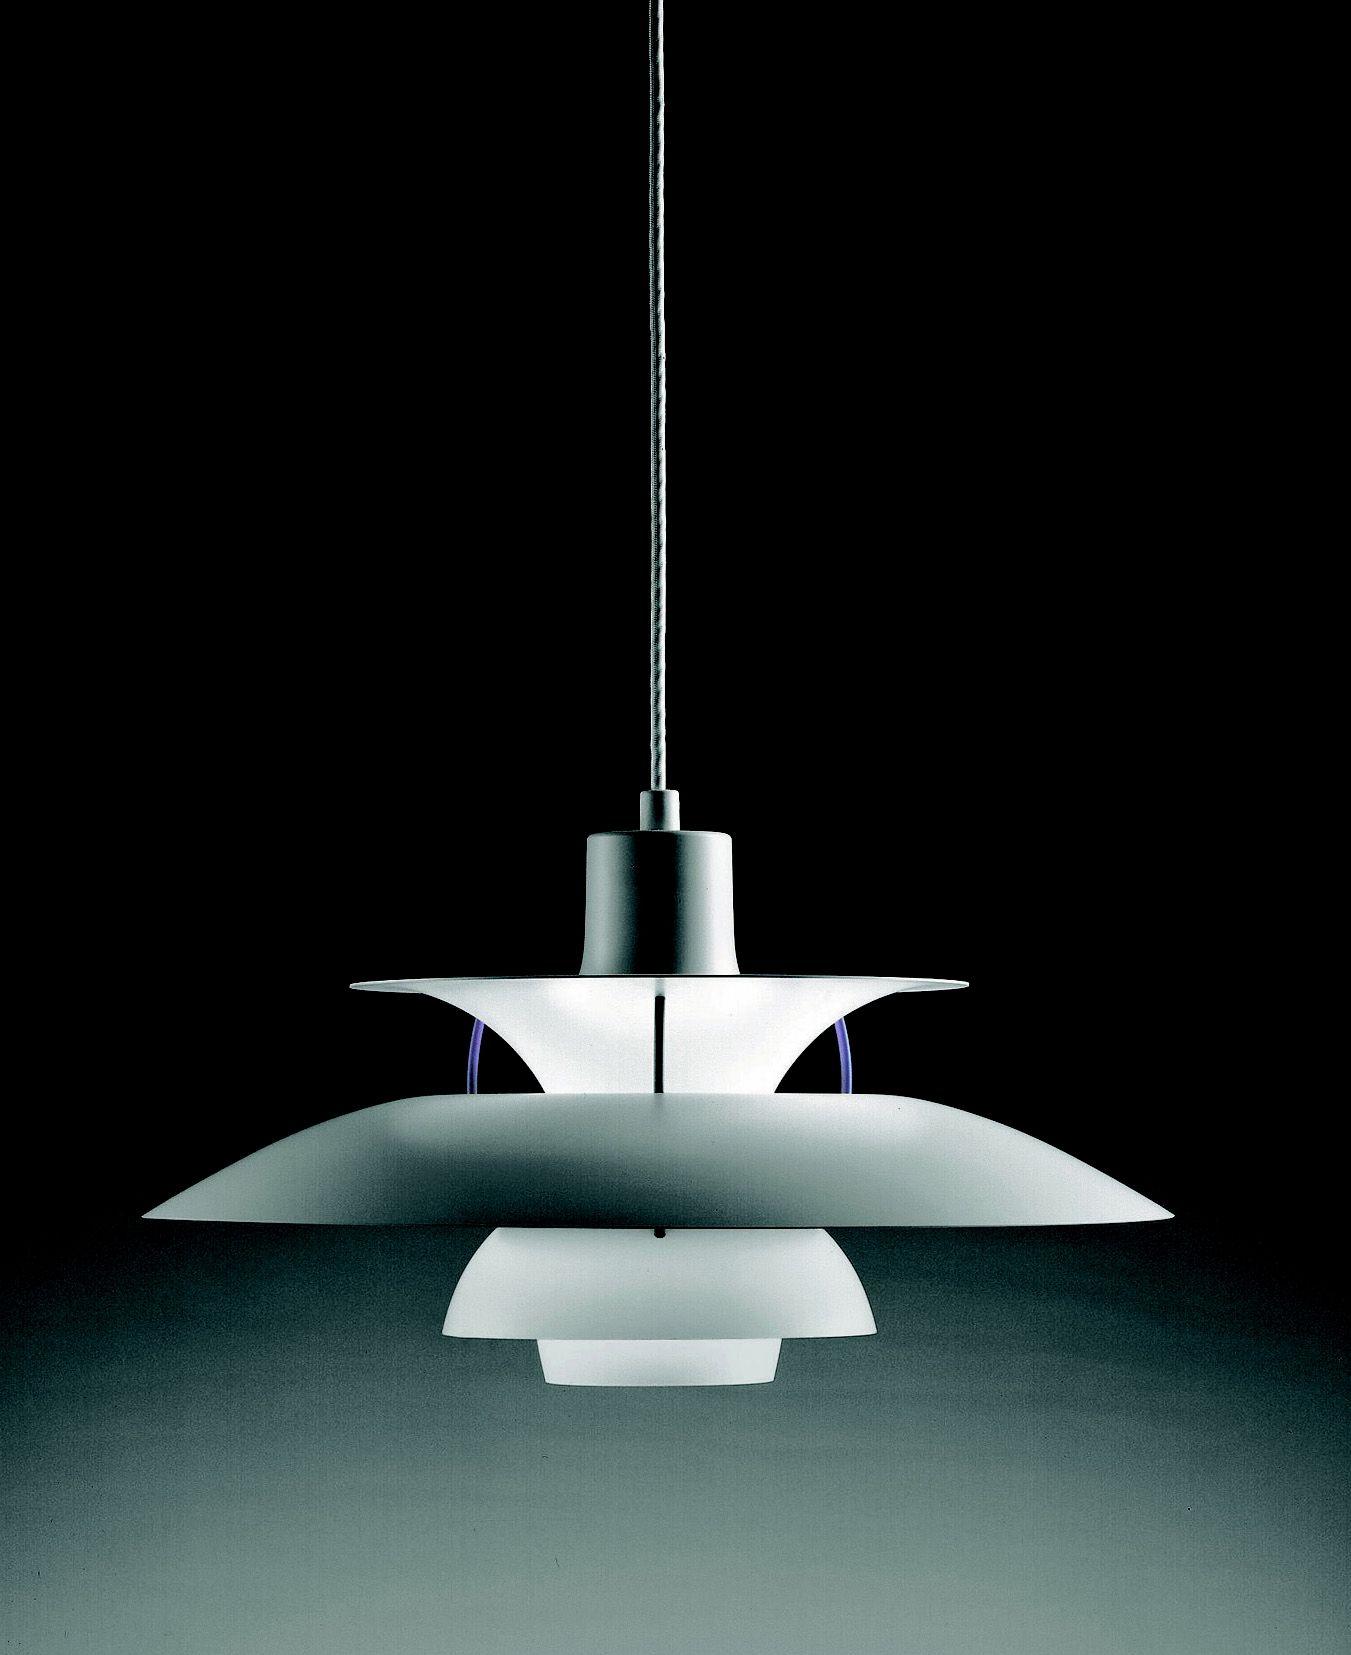 Full Size of Designer Lampen 14 Online Shop Inspirierend Regale Esstisch Wohnzimmer Deckenlampen Stehlampen Bad Led Betten Badezimmer Modern Esstische Für Wohnzimmer Designer Lampen